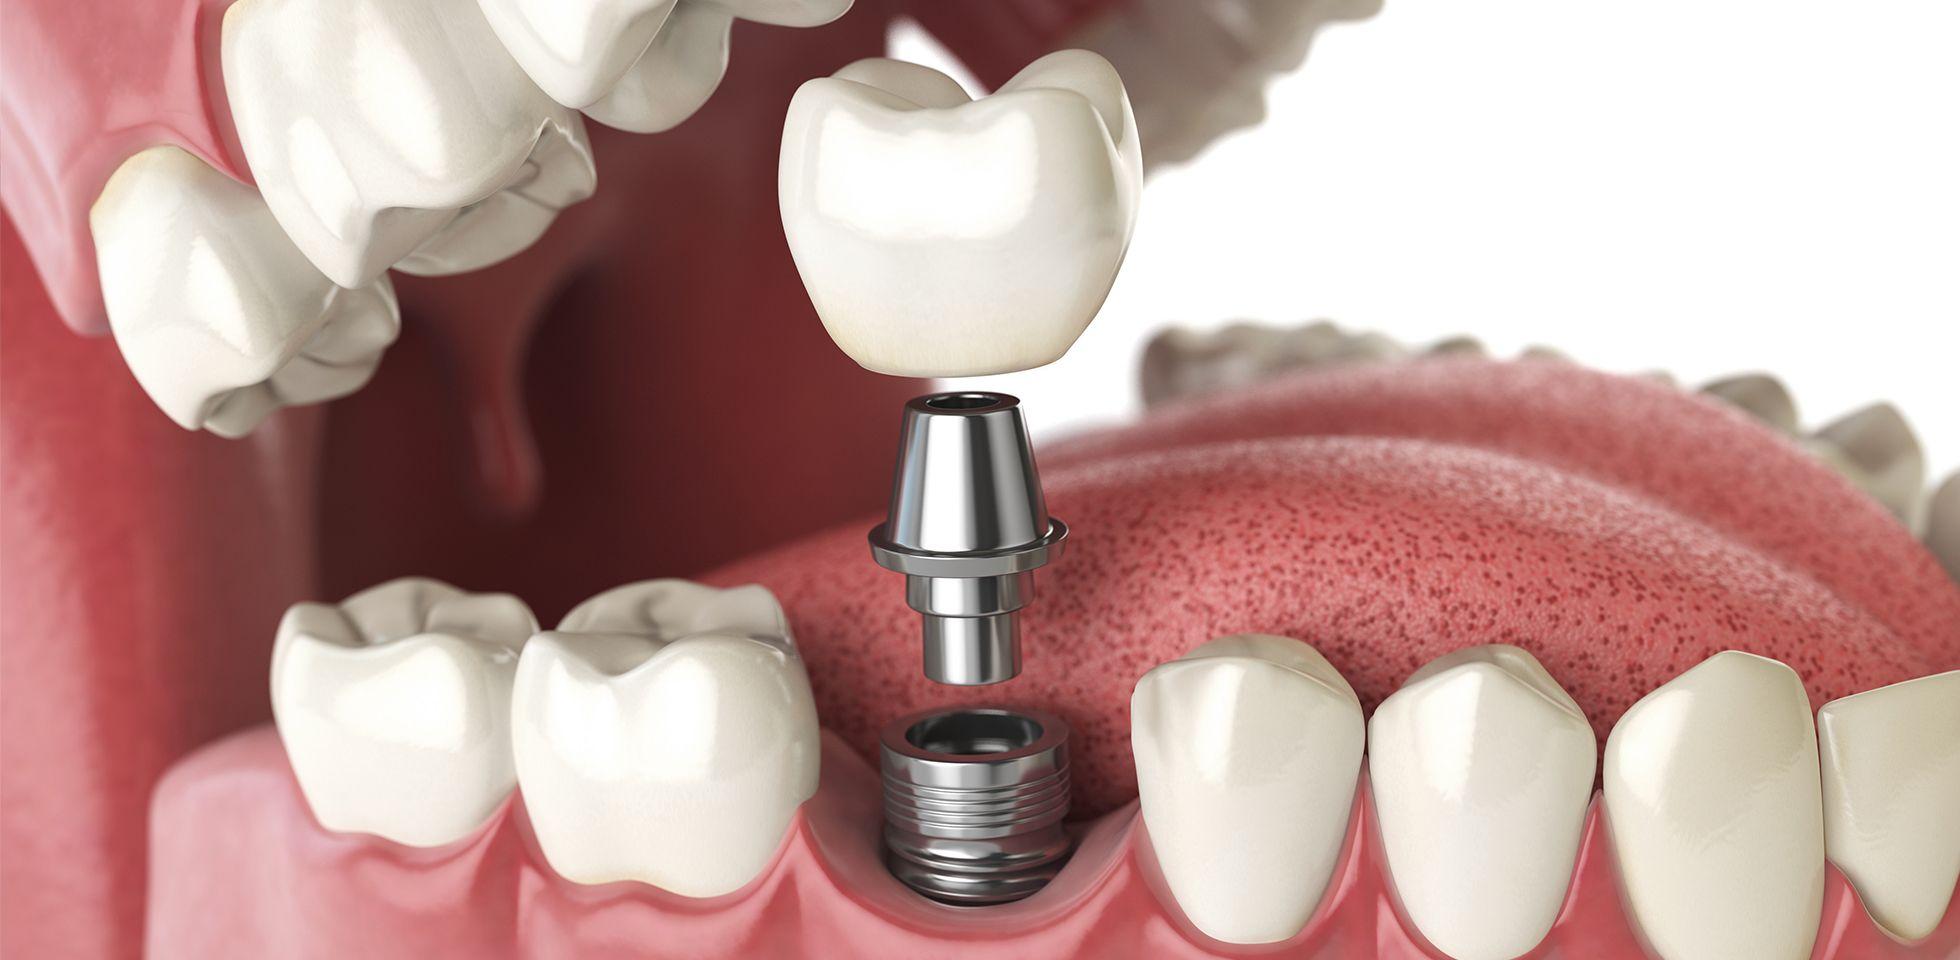 قیمت ایمپلنت دندان-2